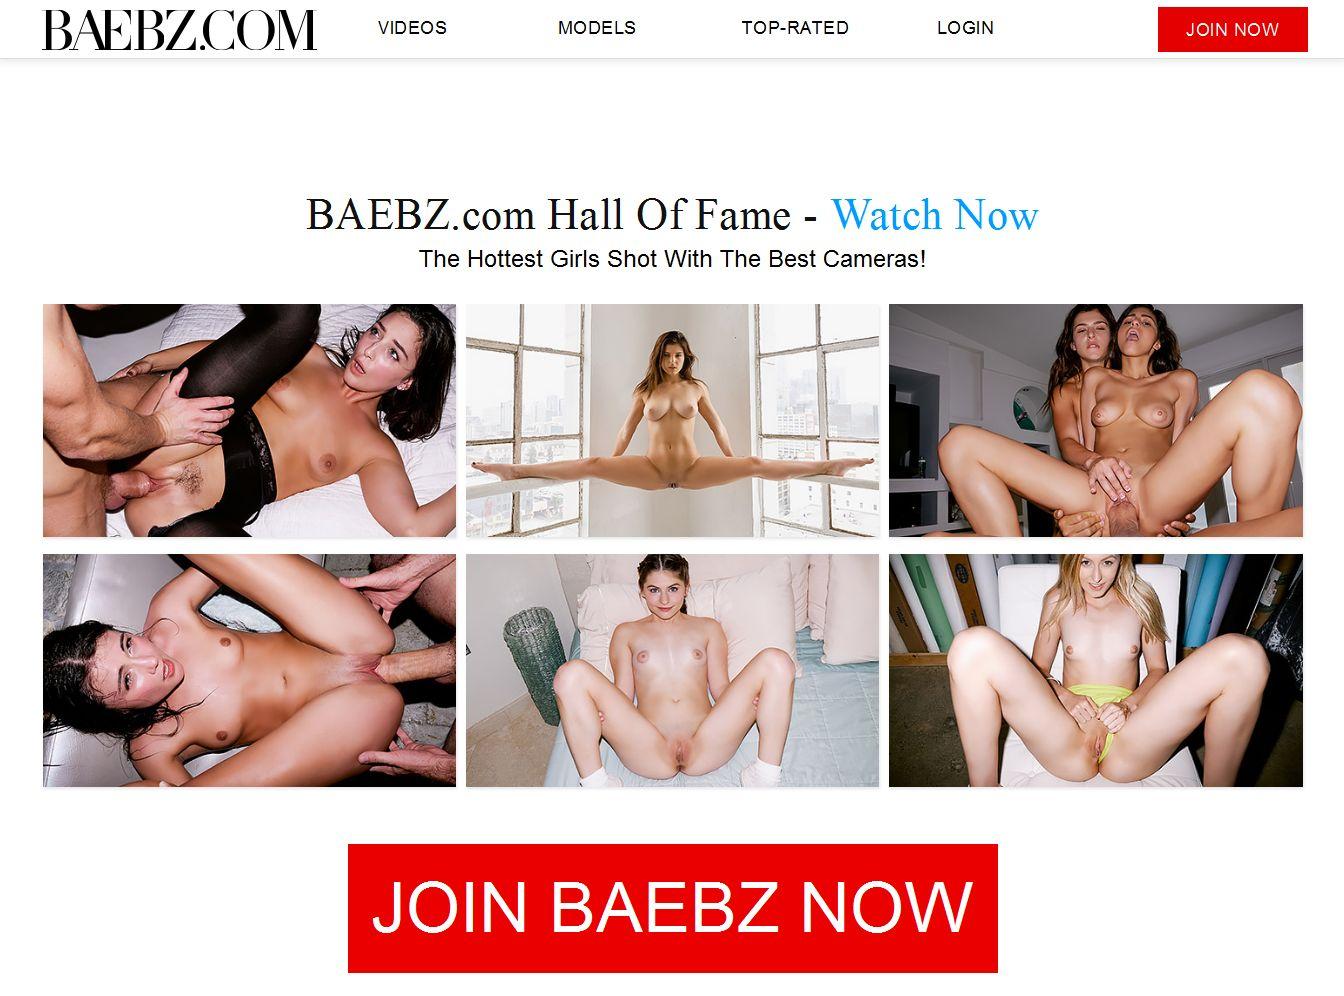 BAEBZ